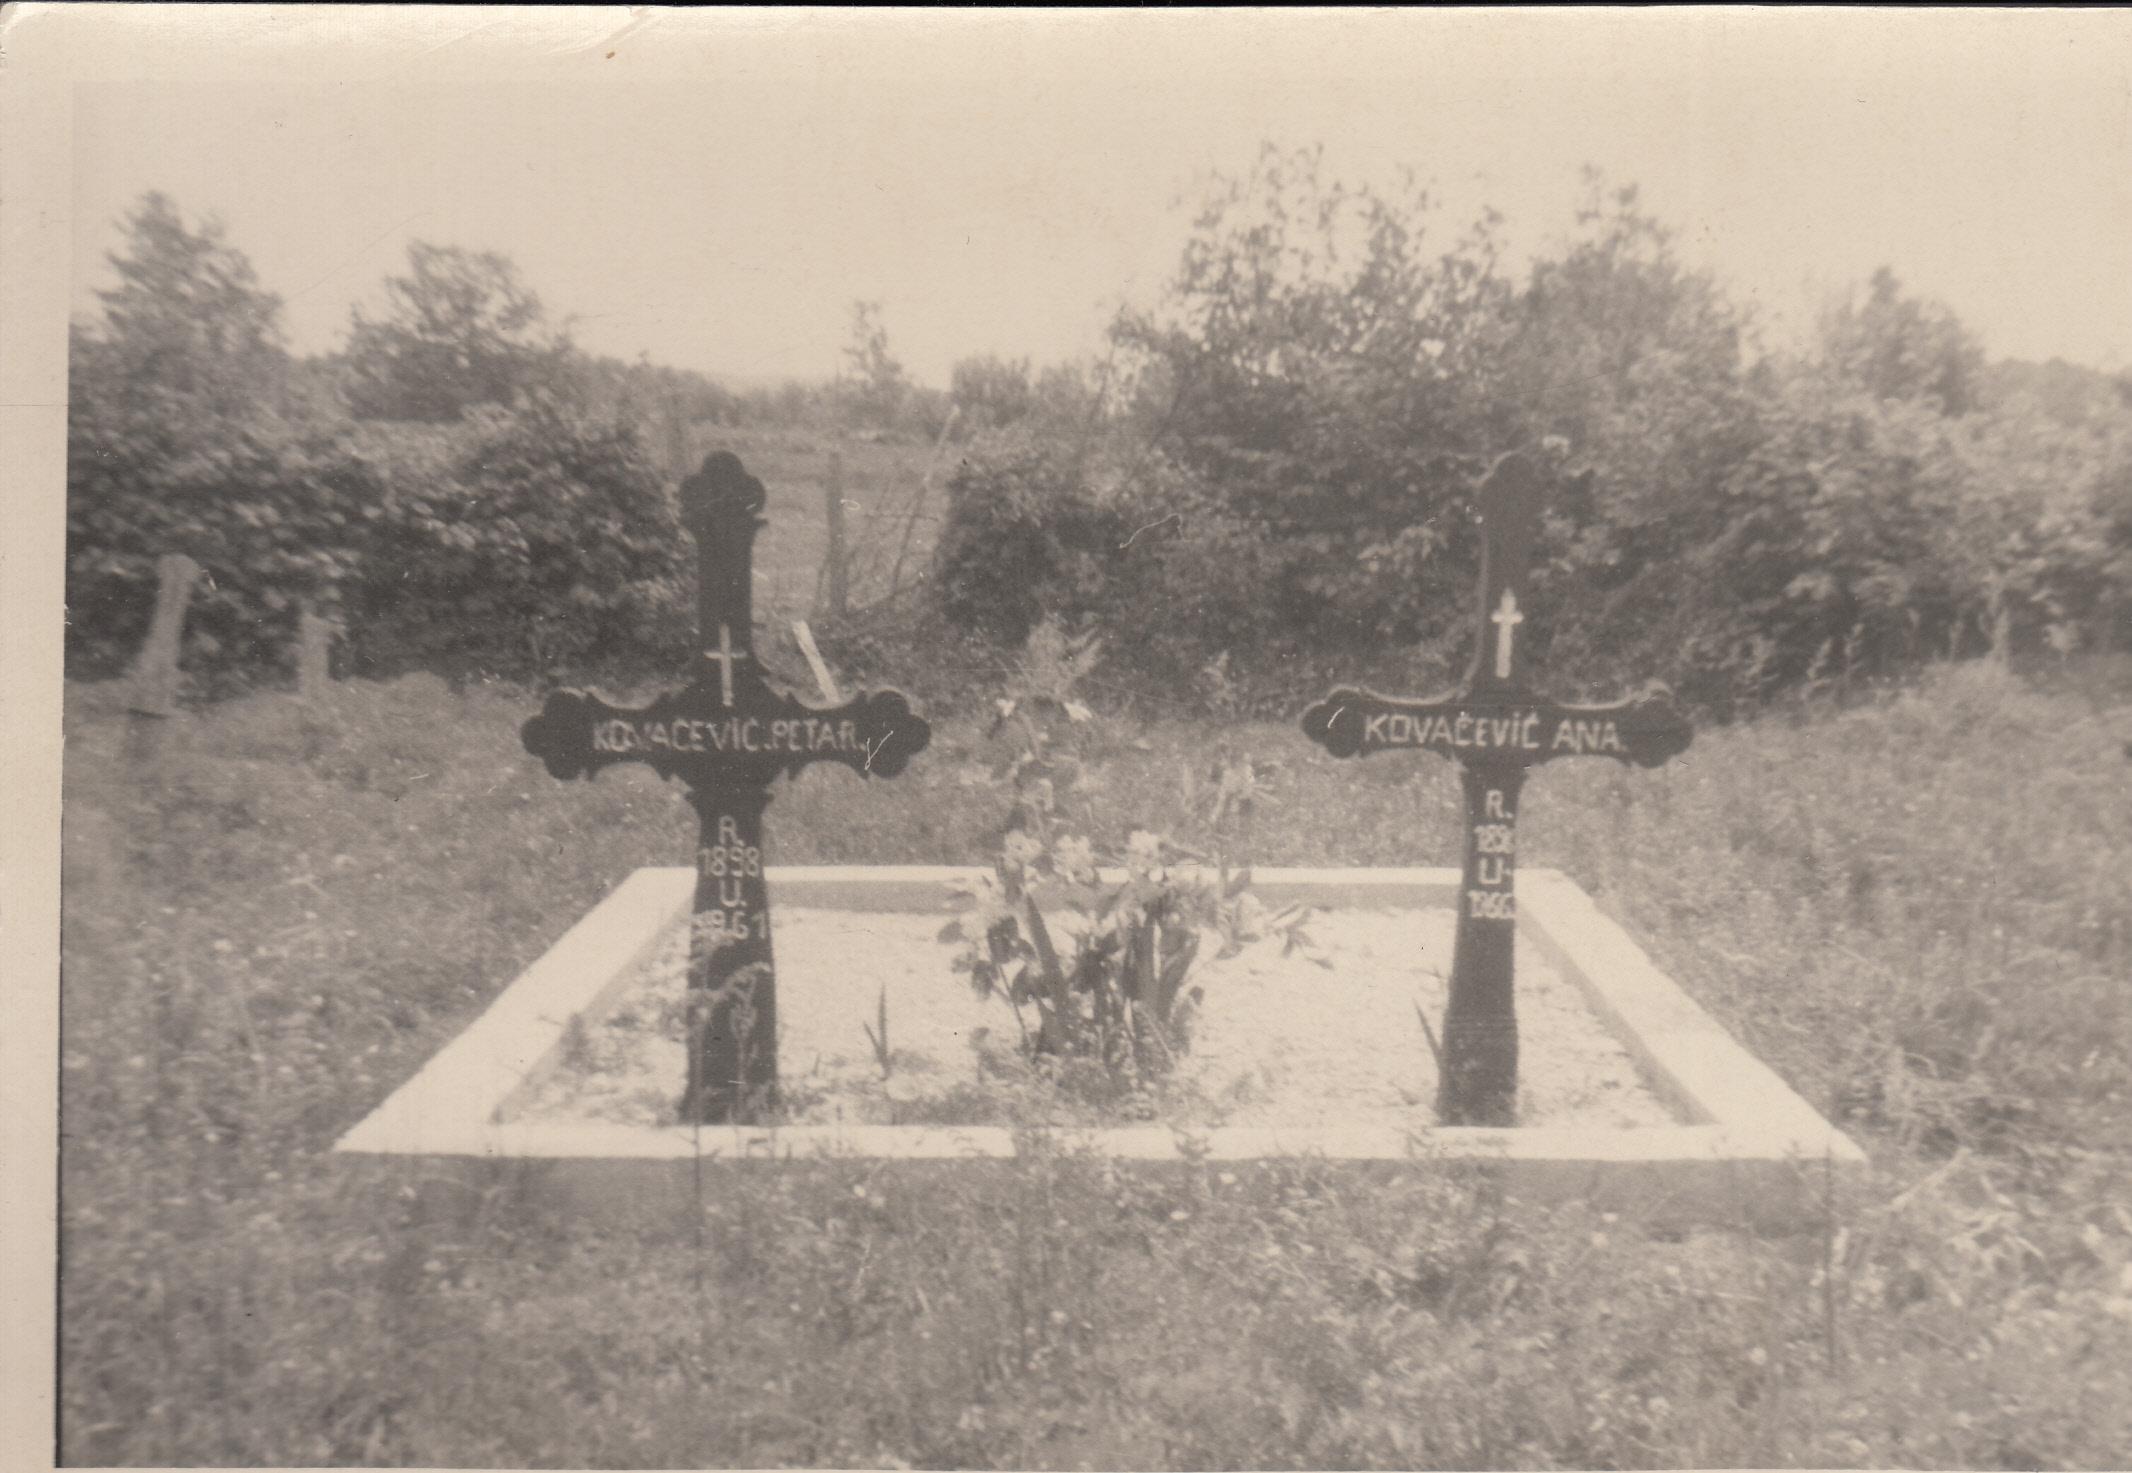 Tradicionalni žumberački grobljanski križevi